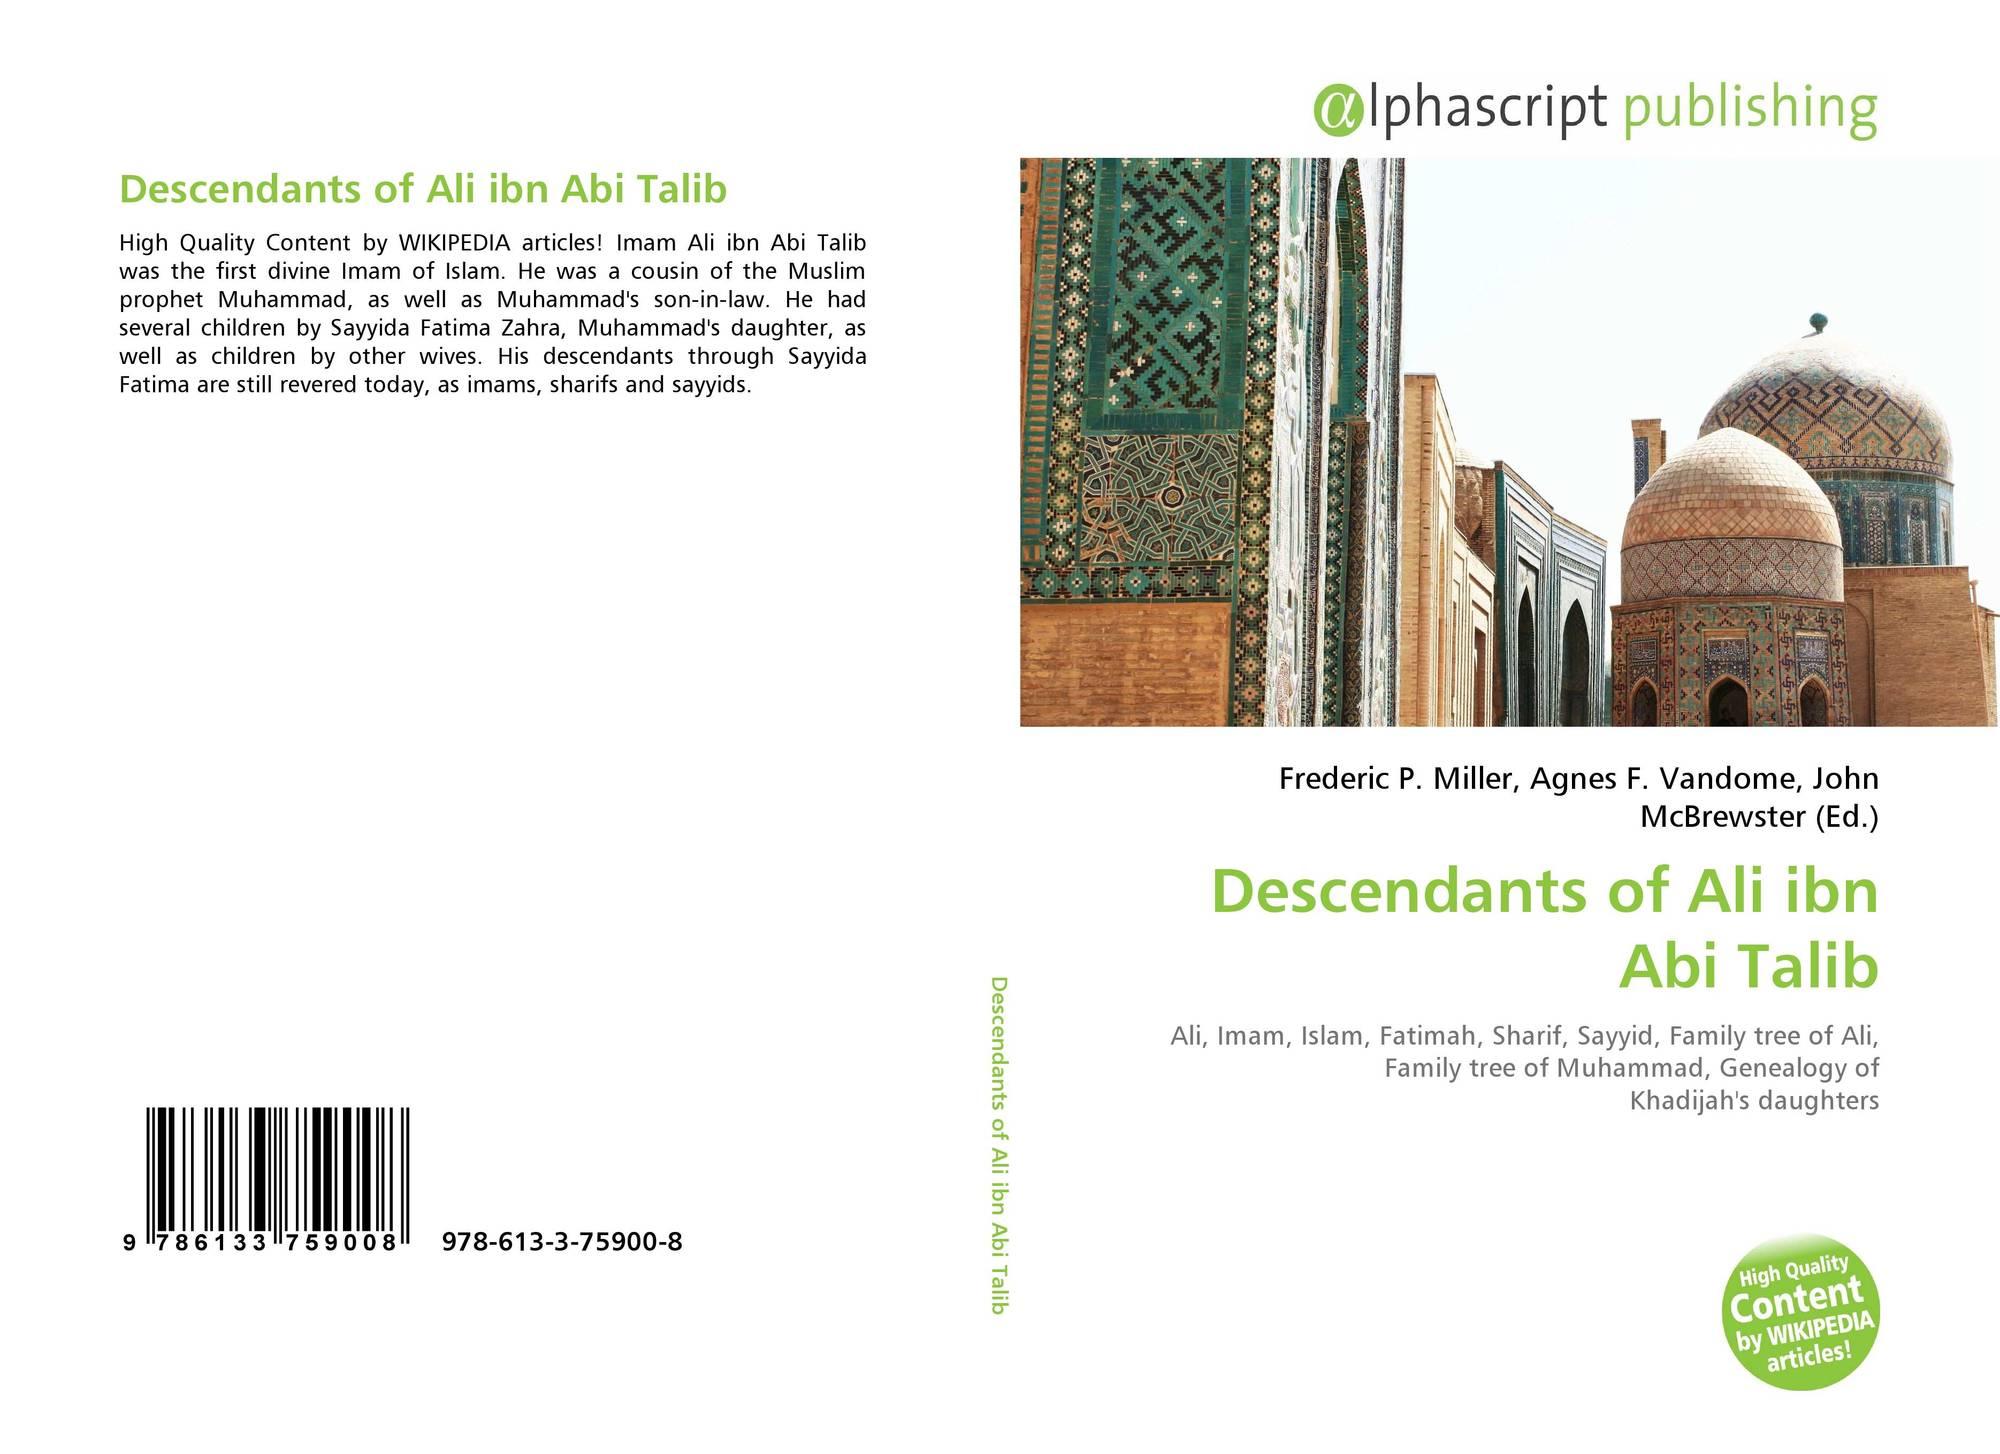 Descendants of Ali ibn Abi Talib, 978-613-3-75900-8